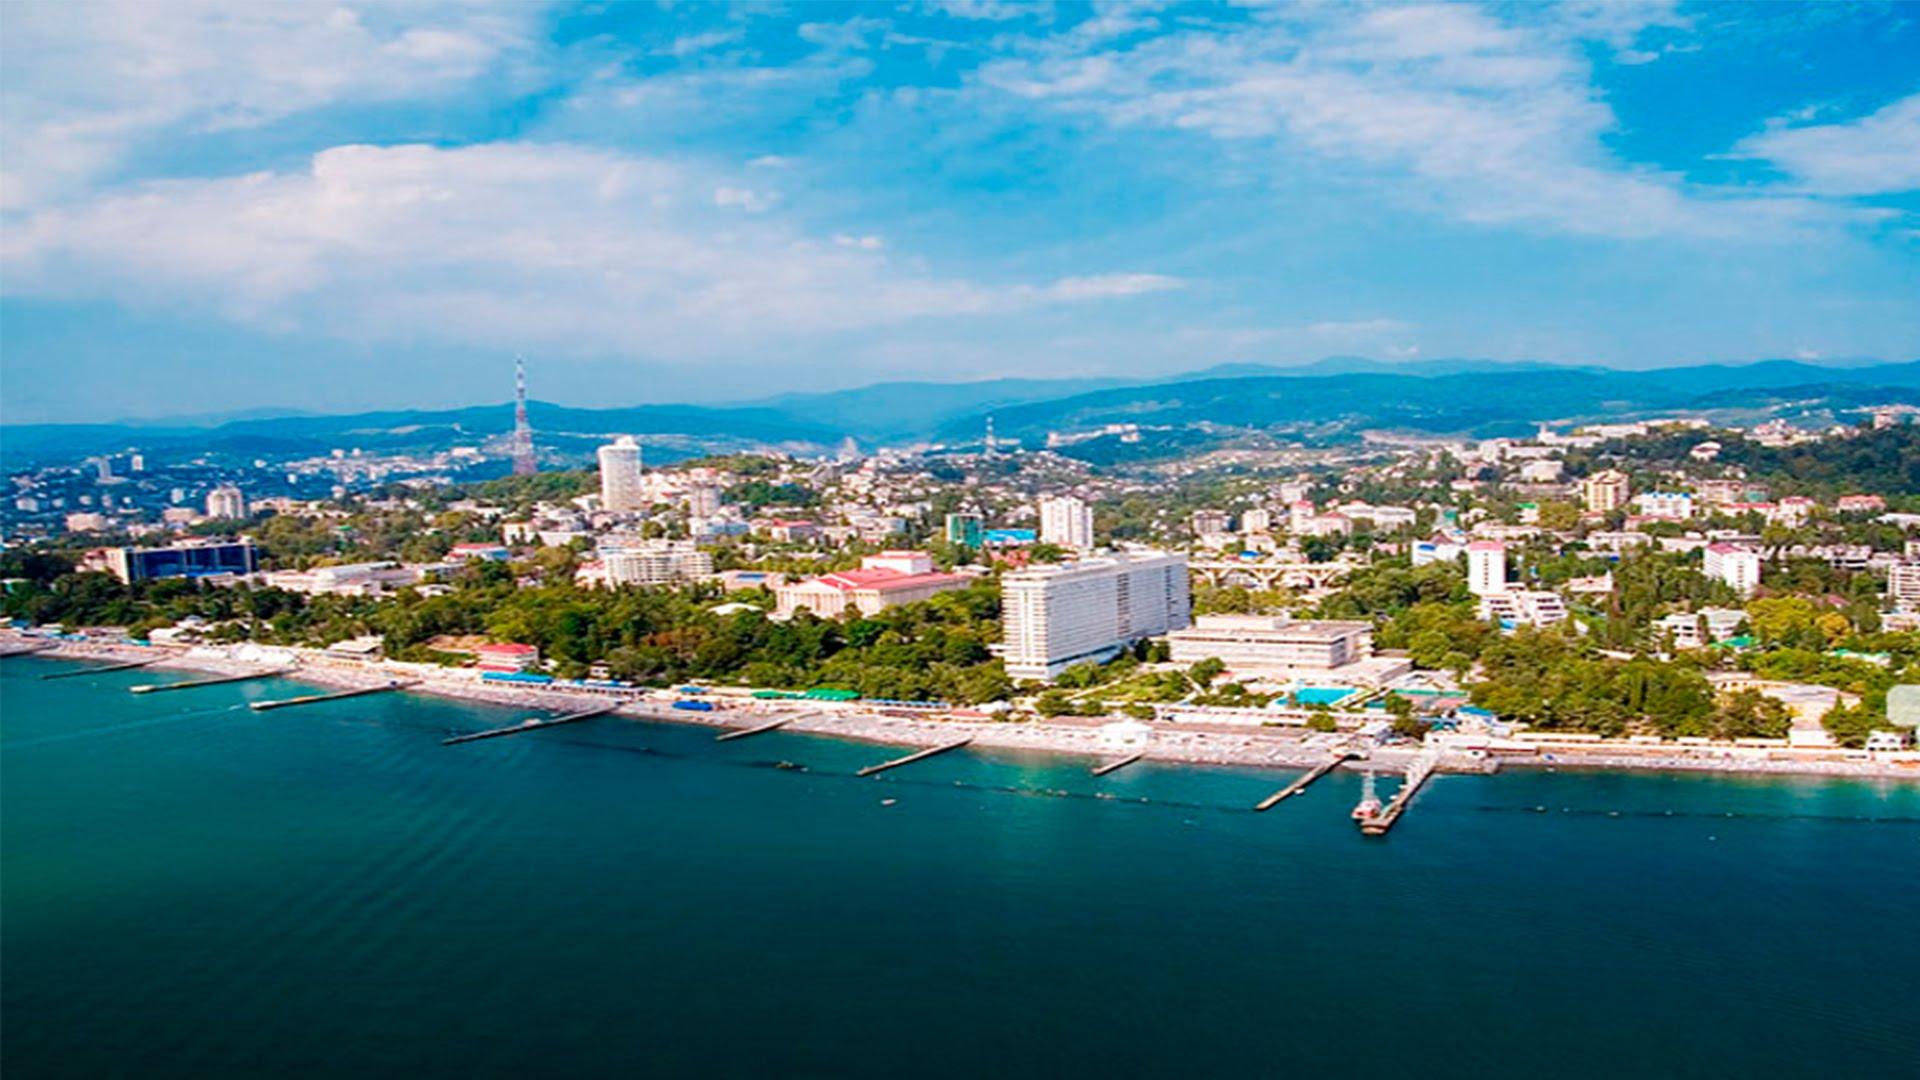 Екатеринбург занял 6 место врейтинге русских городов ссамыми дорогими квартирами